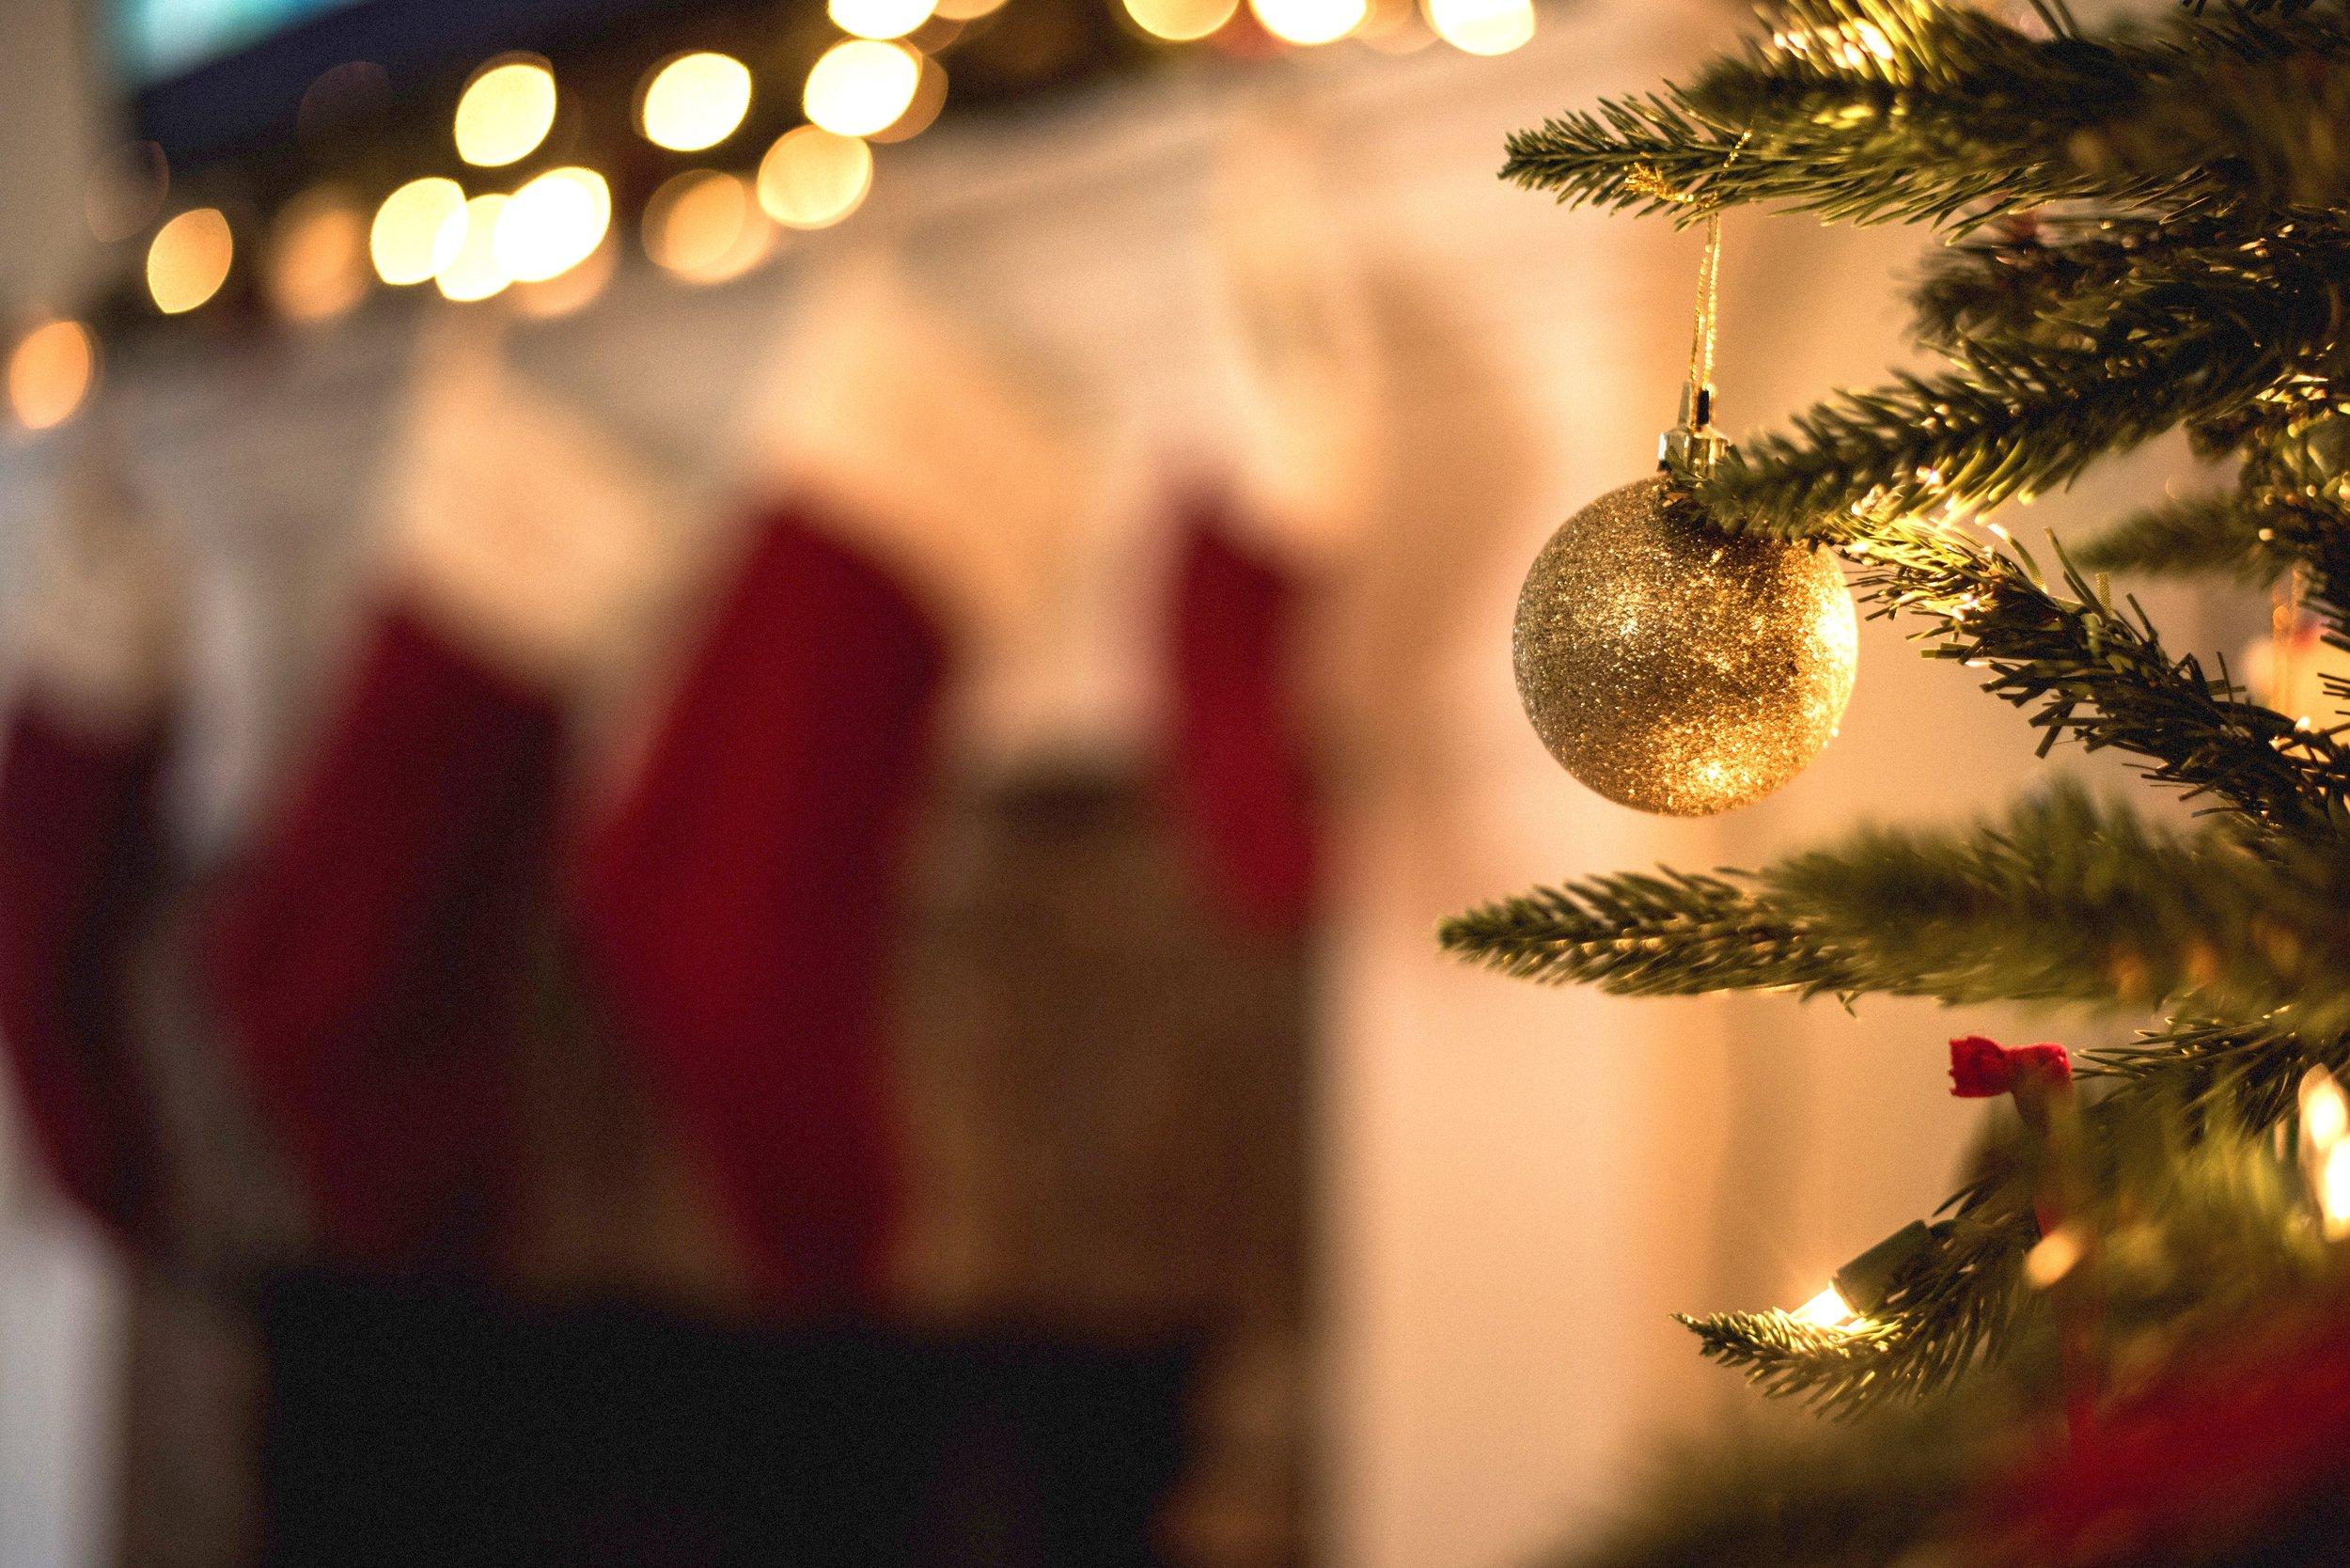 stocking stuffers -